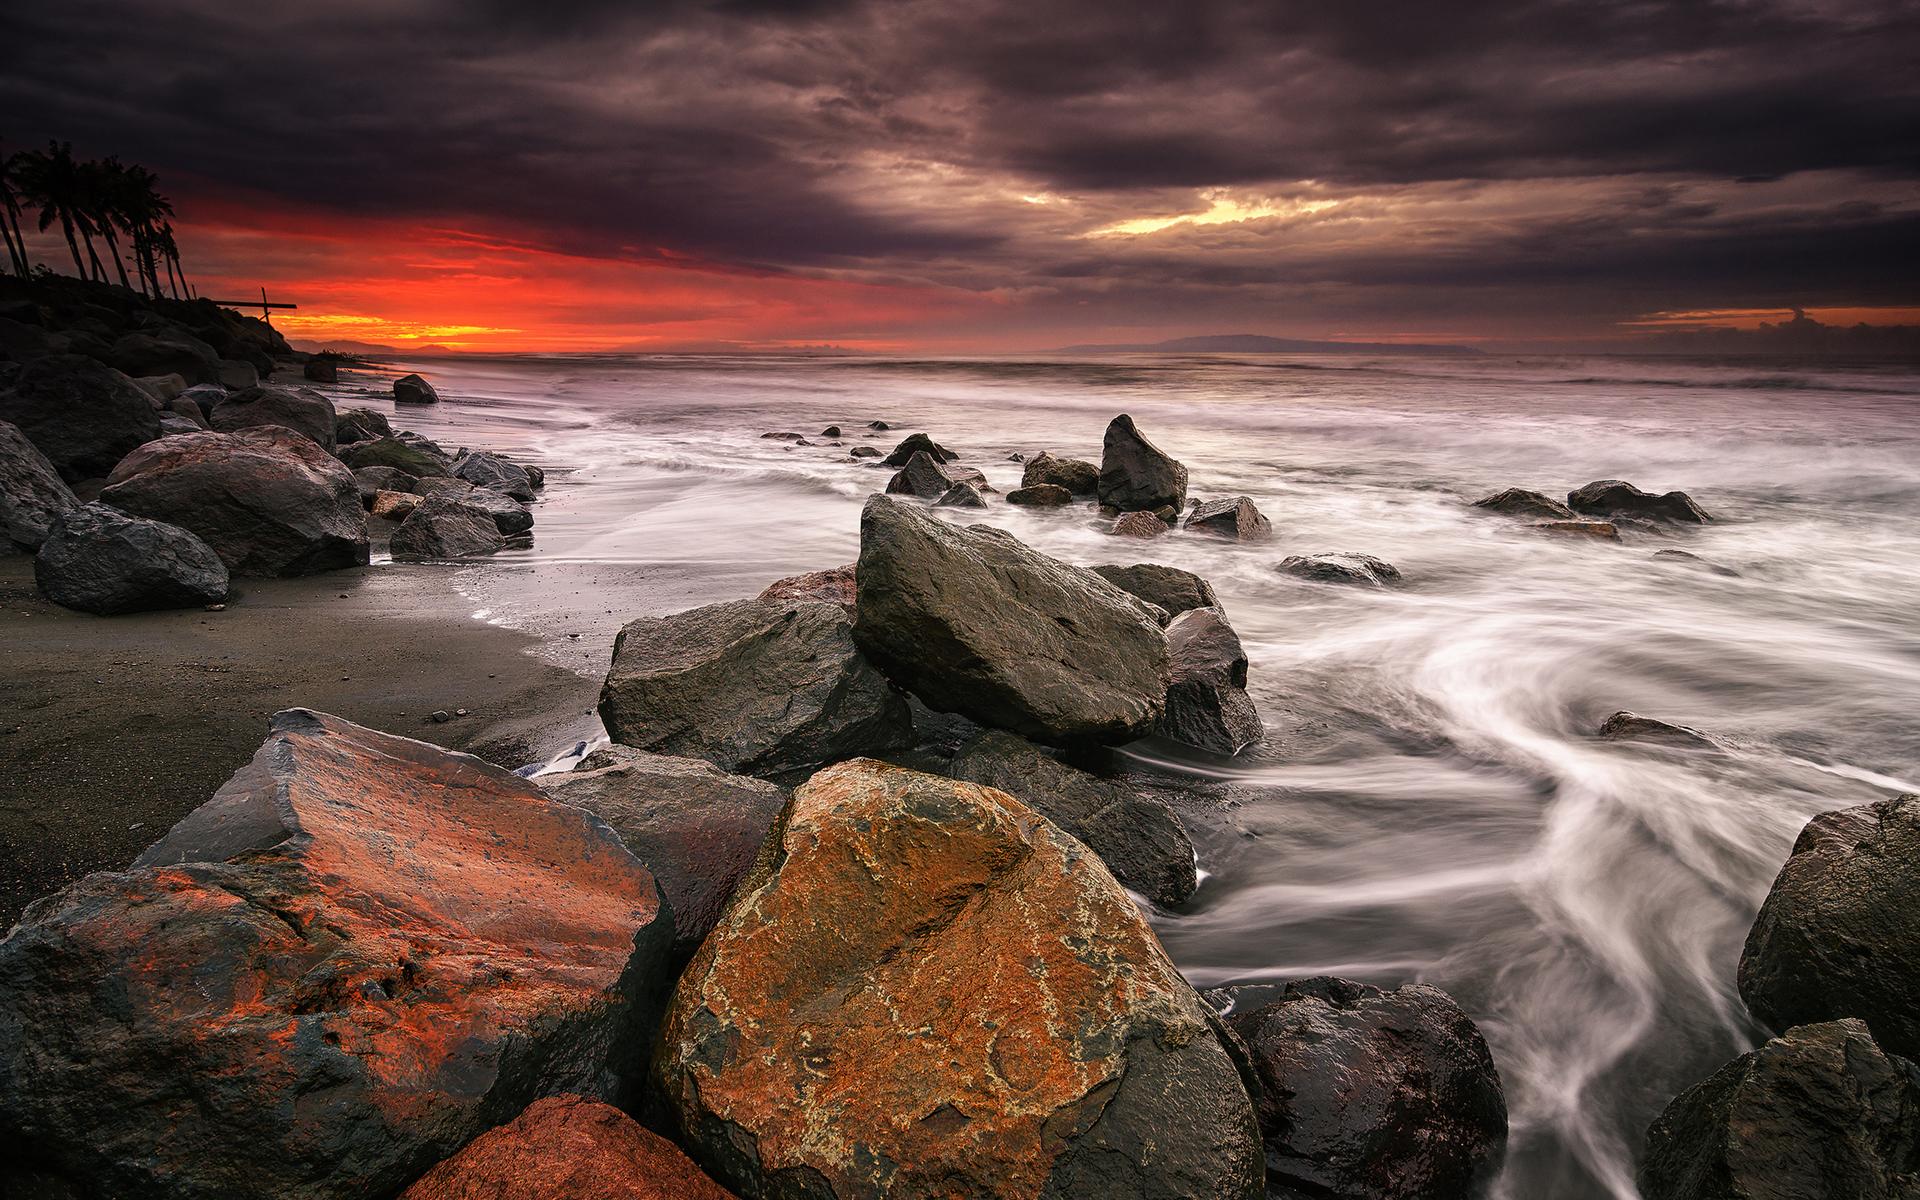 Rocks Stones Ocean Beach Sunset Wallpaper 1920x1200